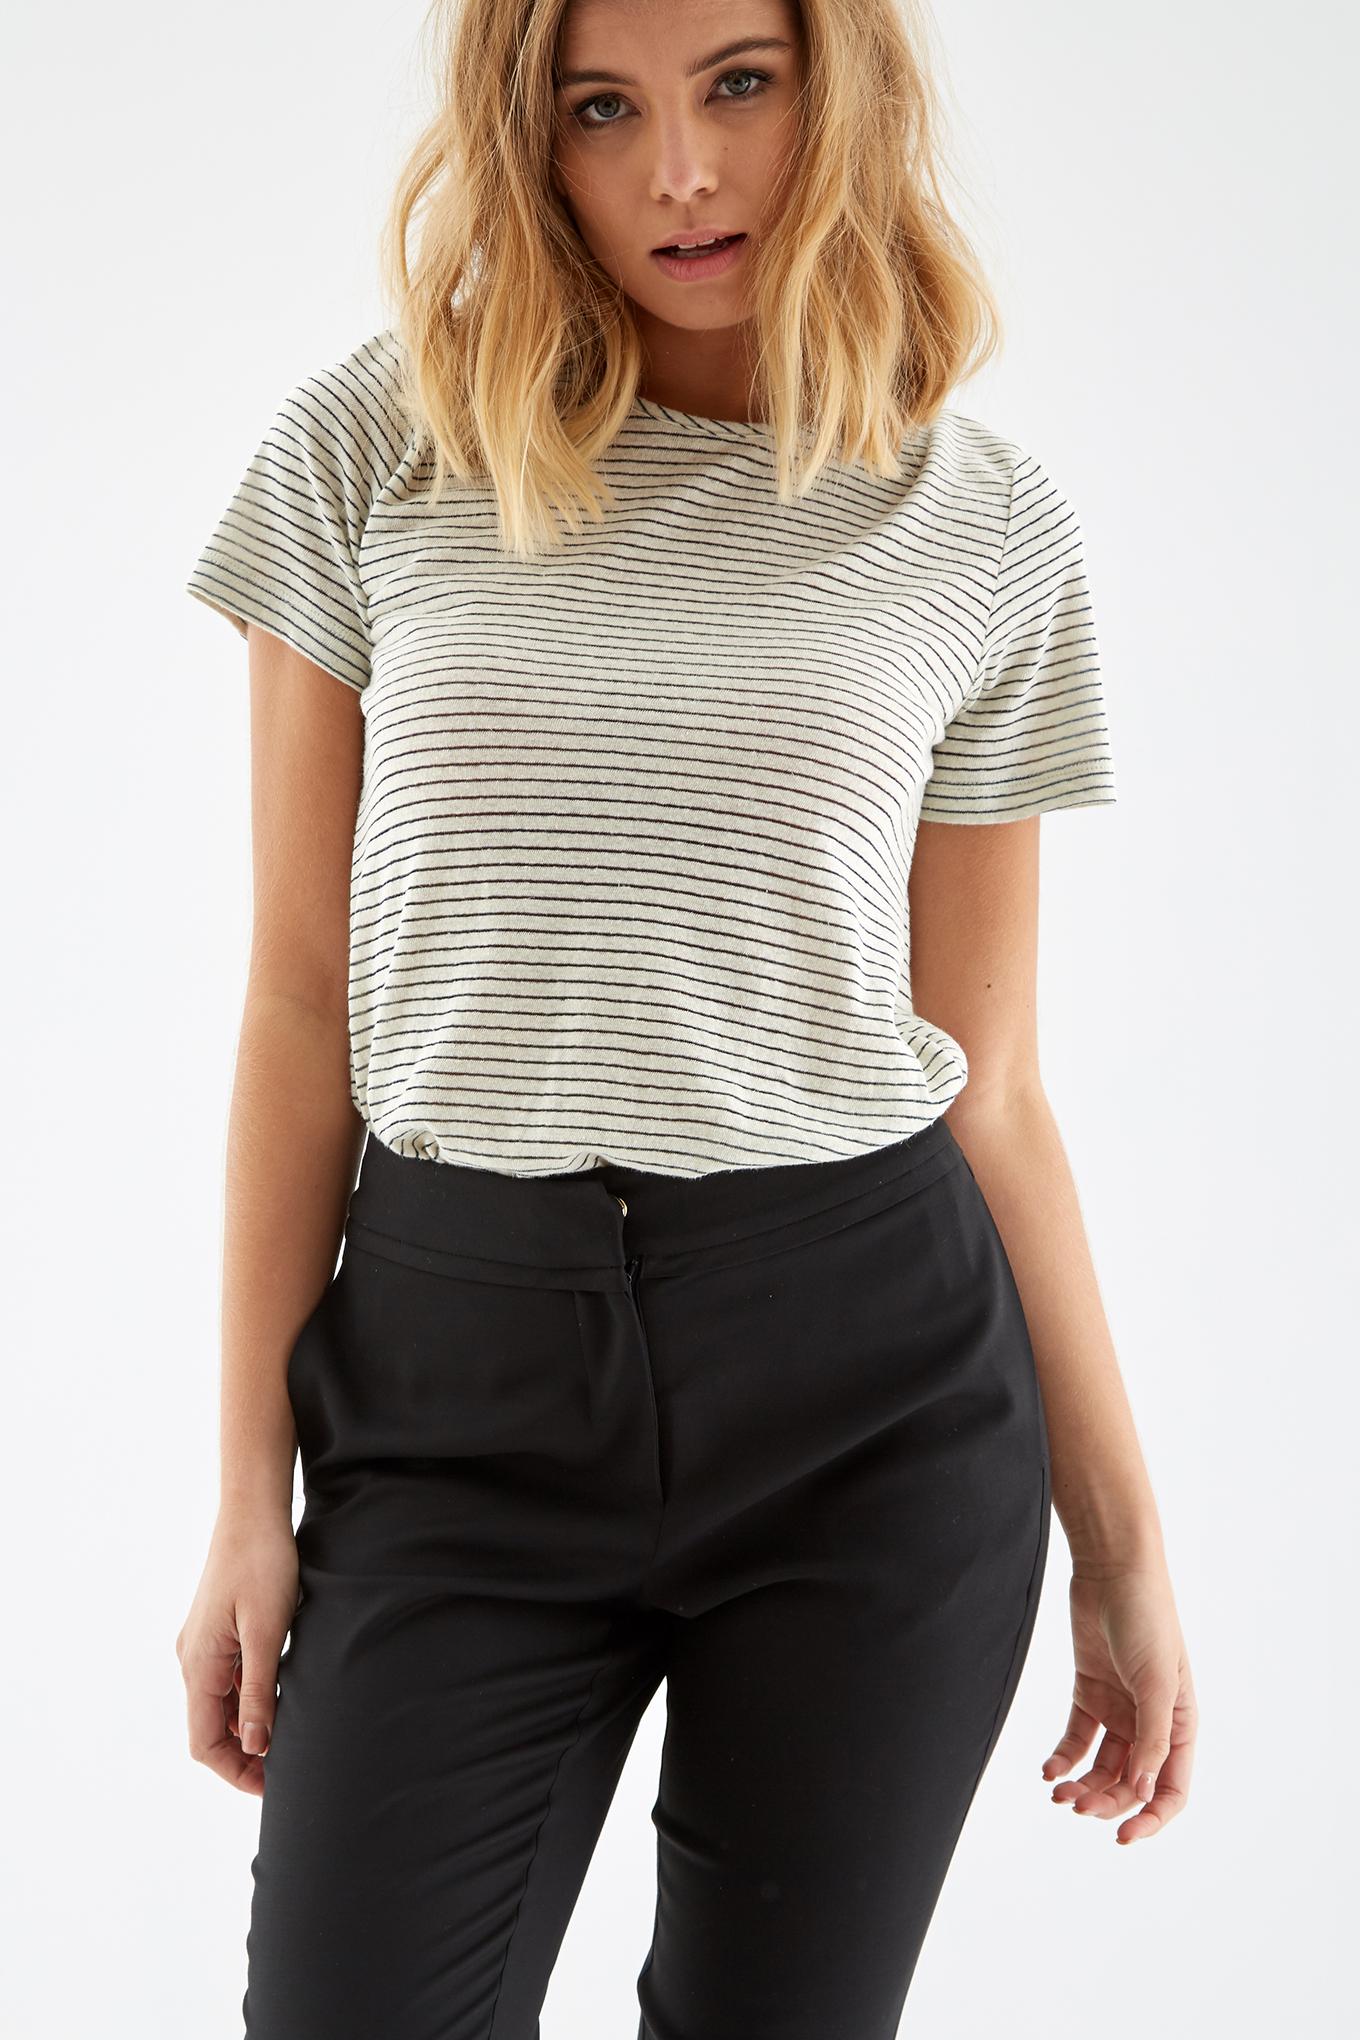 T-Shirt Cru Casual Mulher